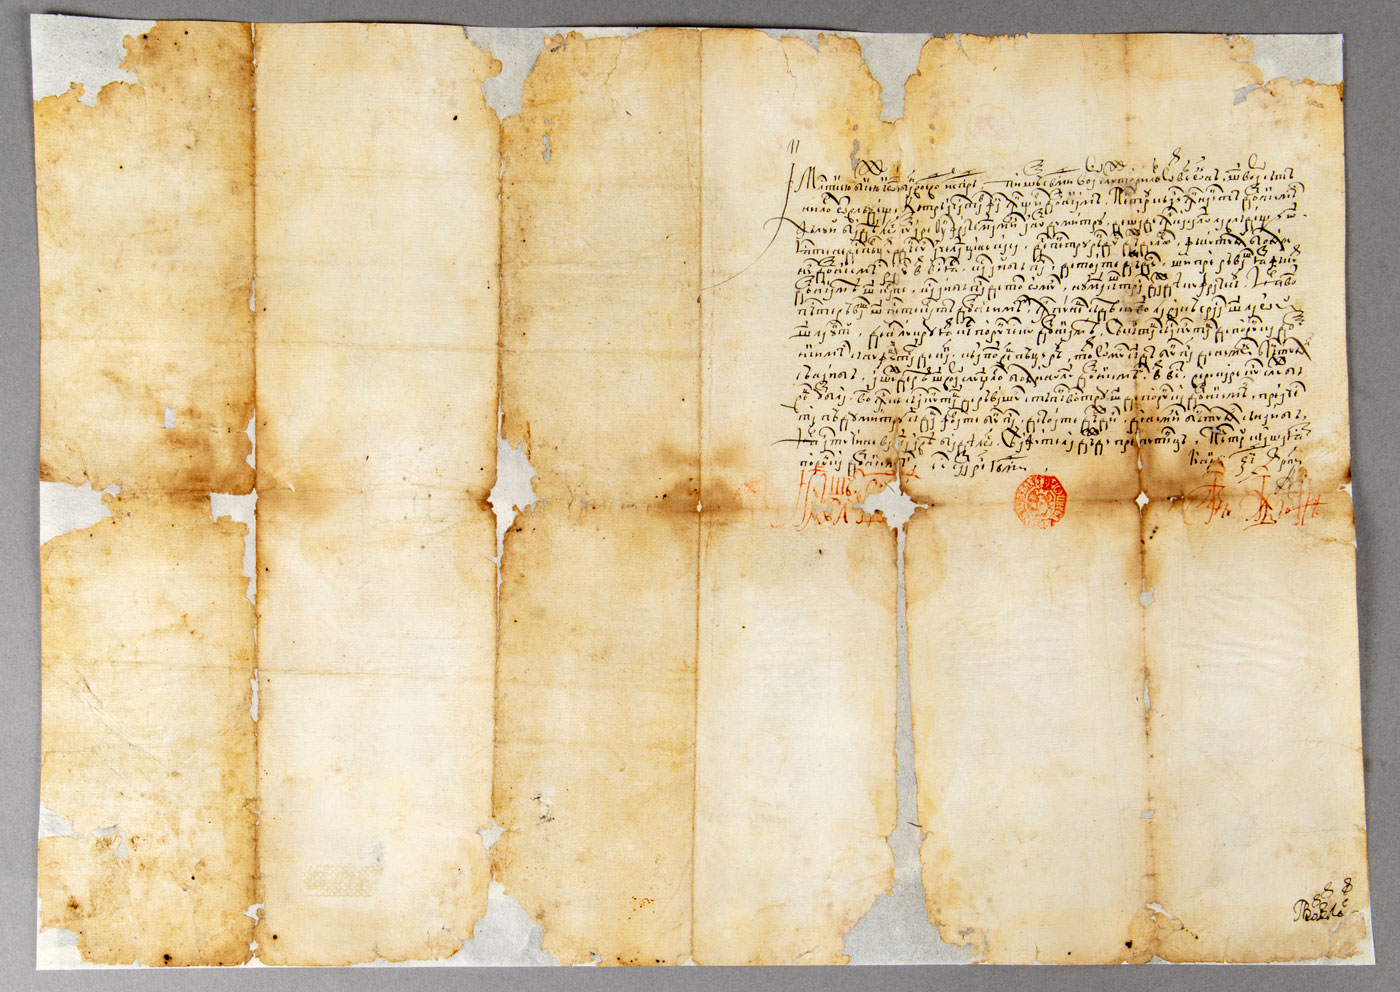 Documentul după restaurare